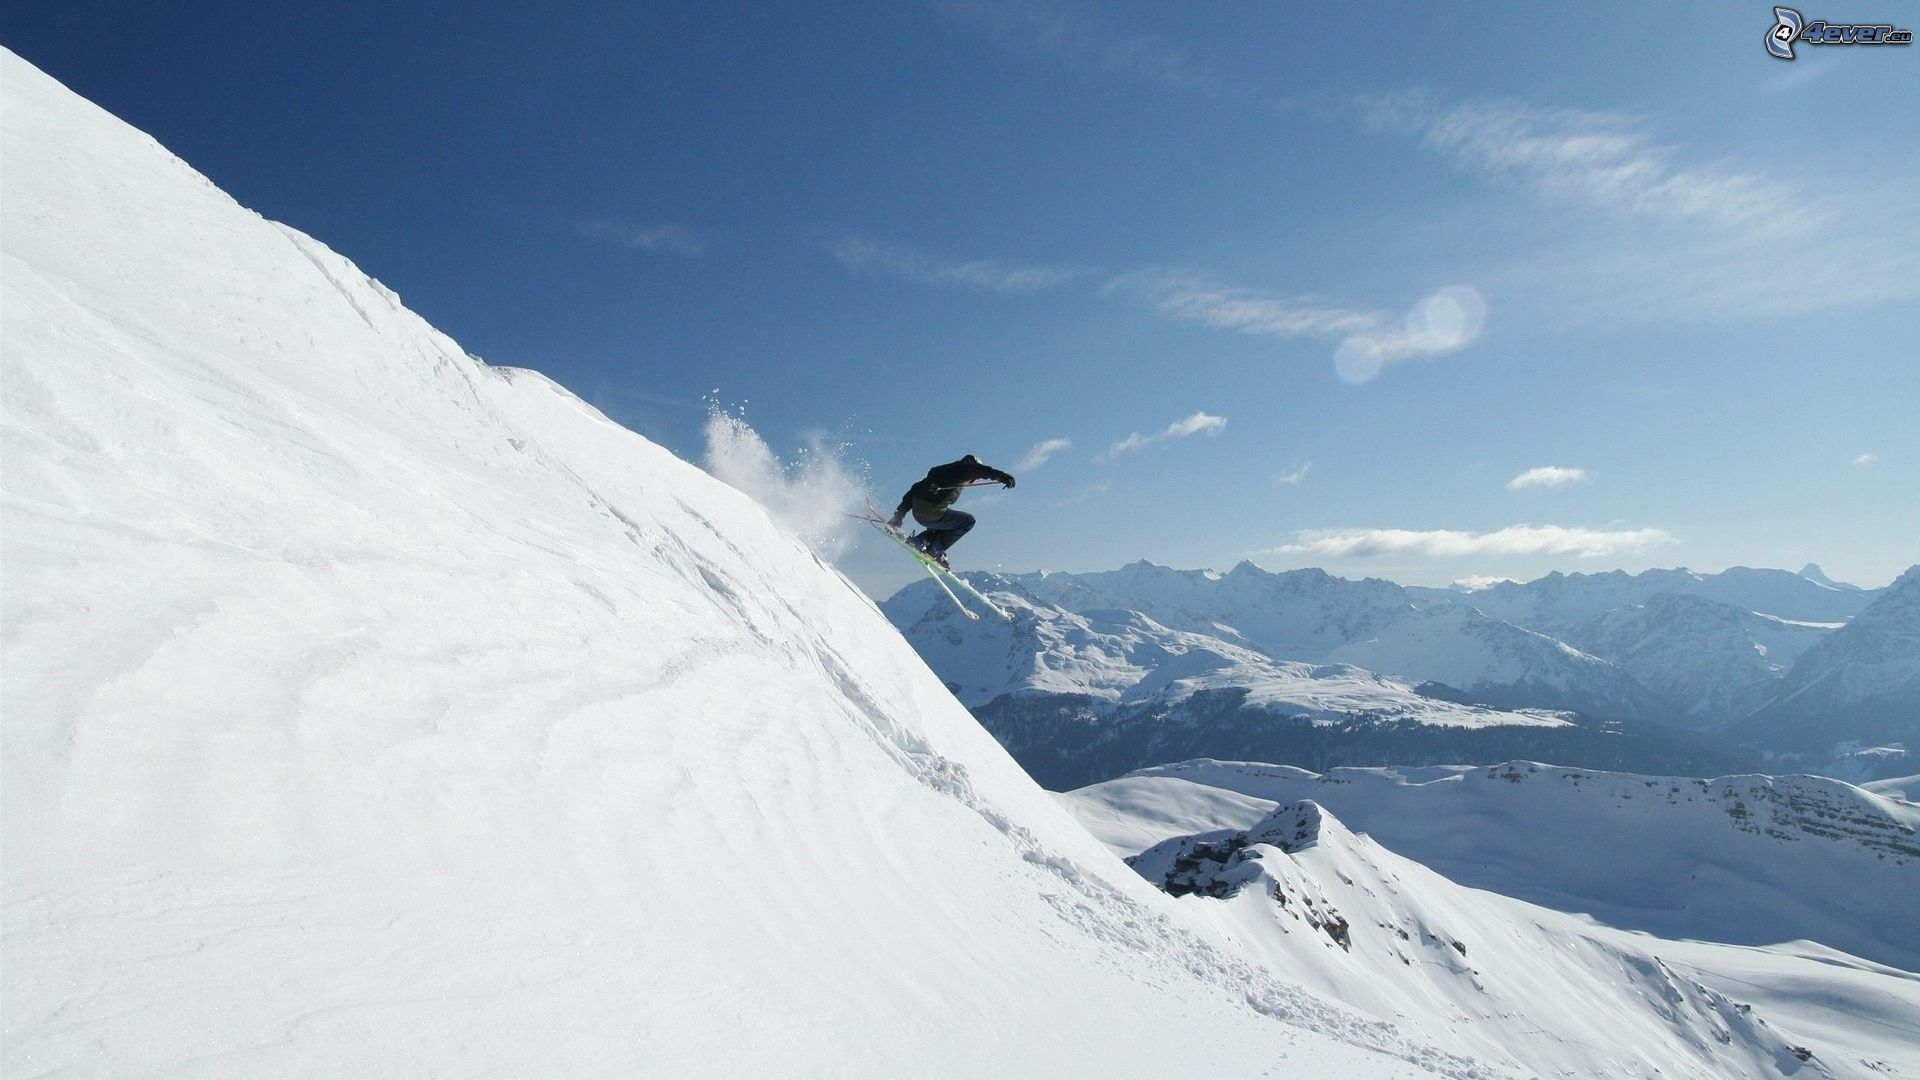 Extrem skifahren skifahren schneebedeckte berge 166490